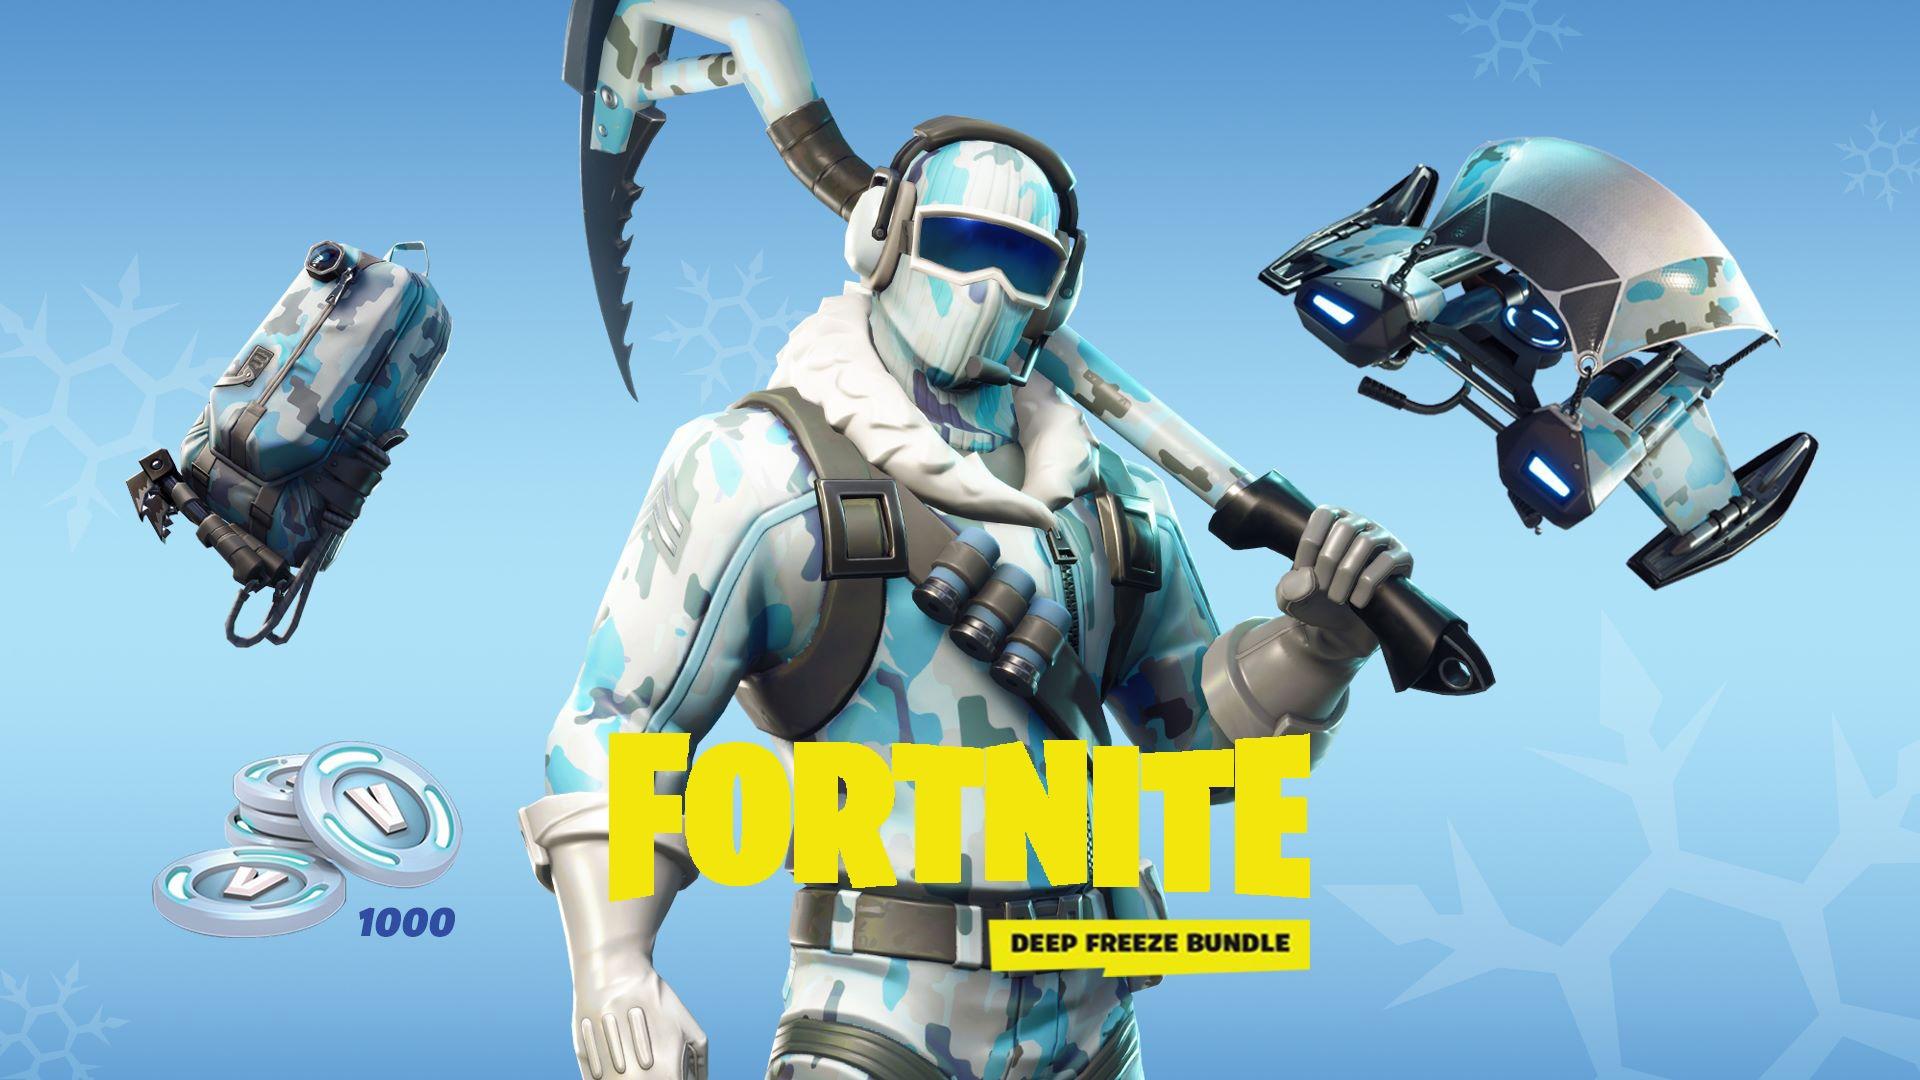 خرید بازی Fortnite Deep Freeze Bundle